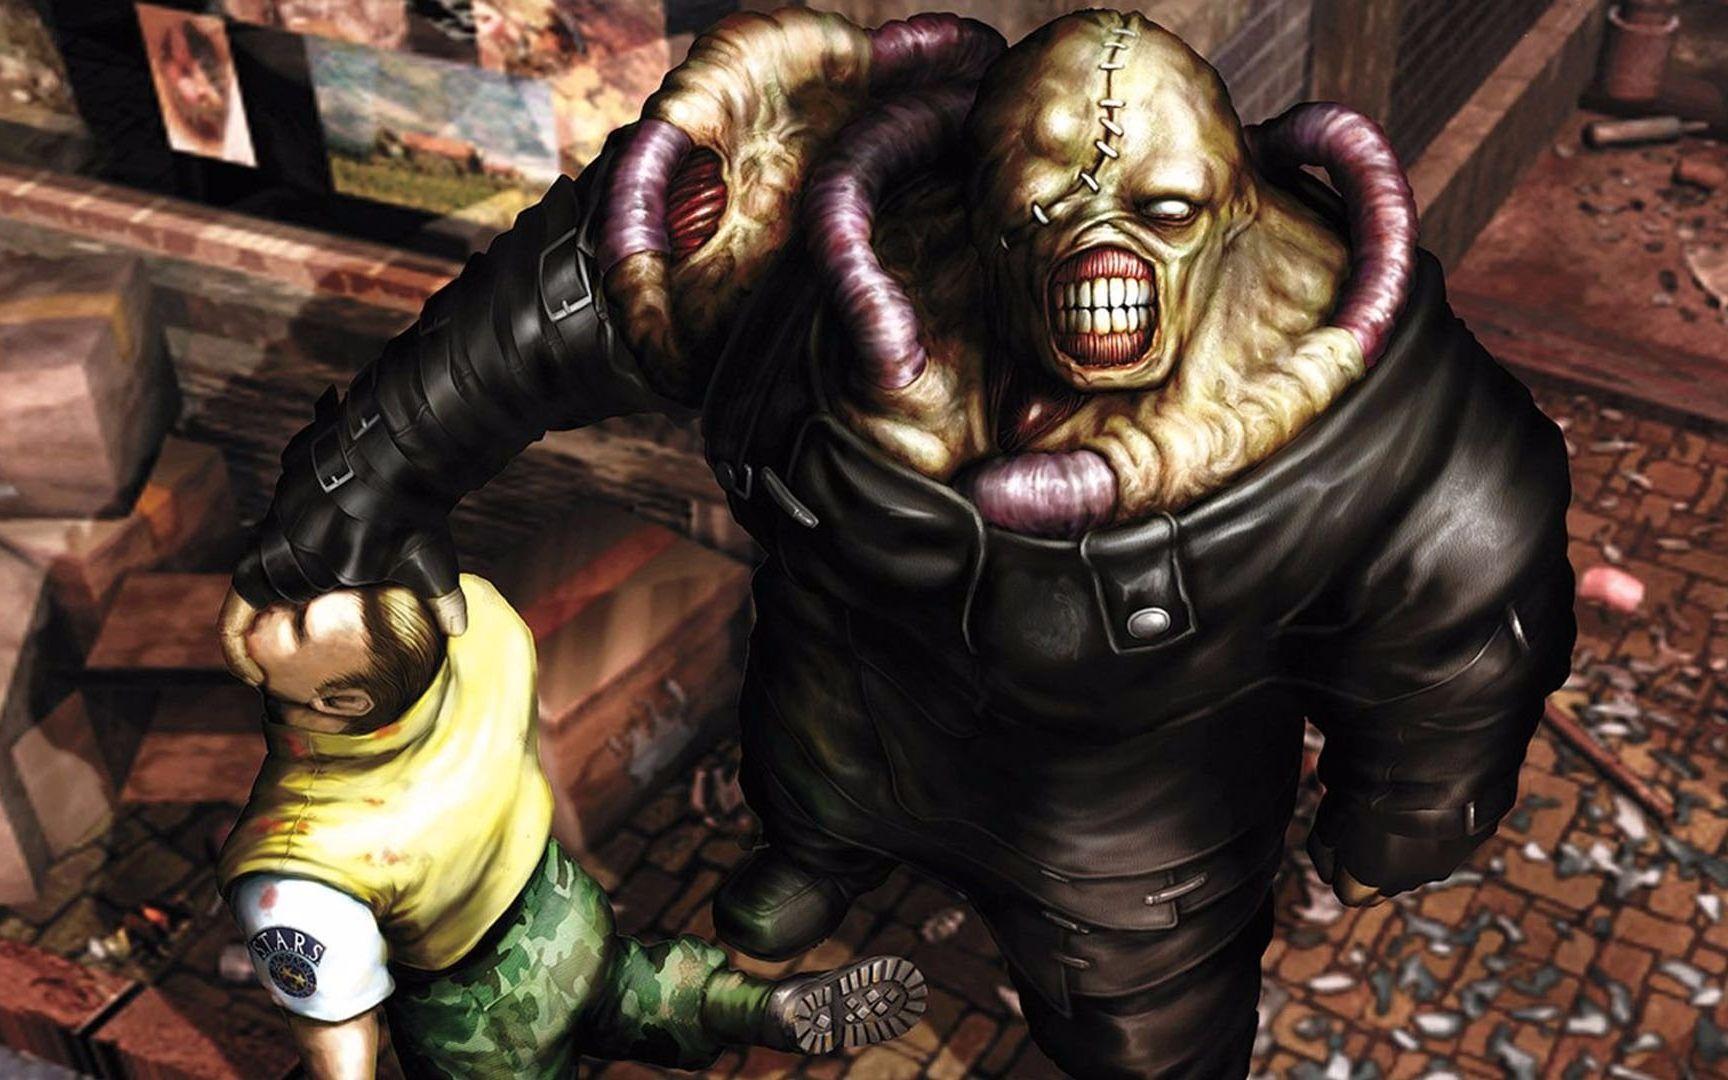 生化危机3游戏操作_【PS2】《生化危机3》40分钟全剧情游戏电影_单机游戏_游戏_bilibili ...